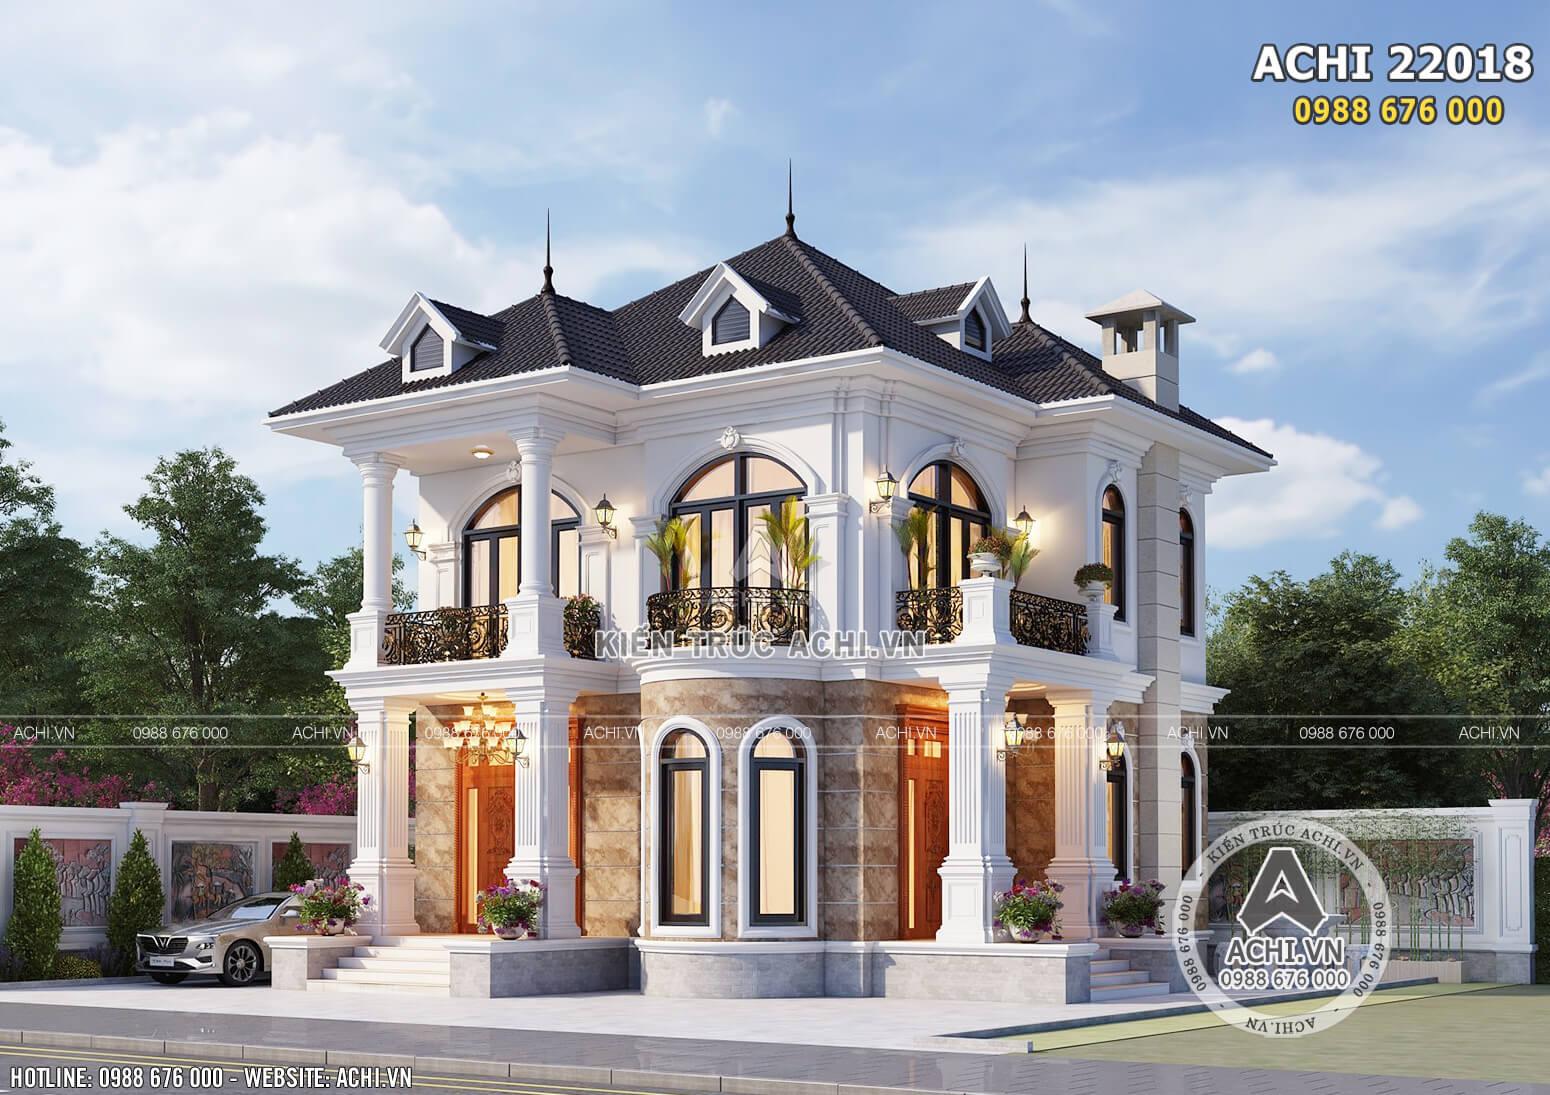 Phối cảnh 3D không gian ngoại thất mẫu thiết kế biệt thự 2 tầng mái Thái đẹp